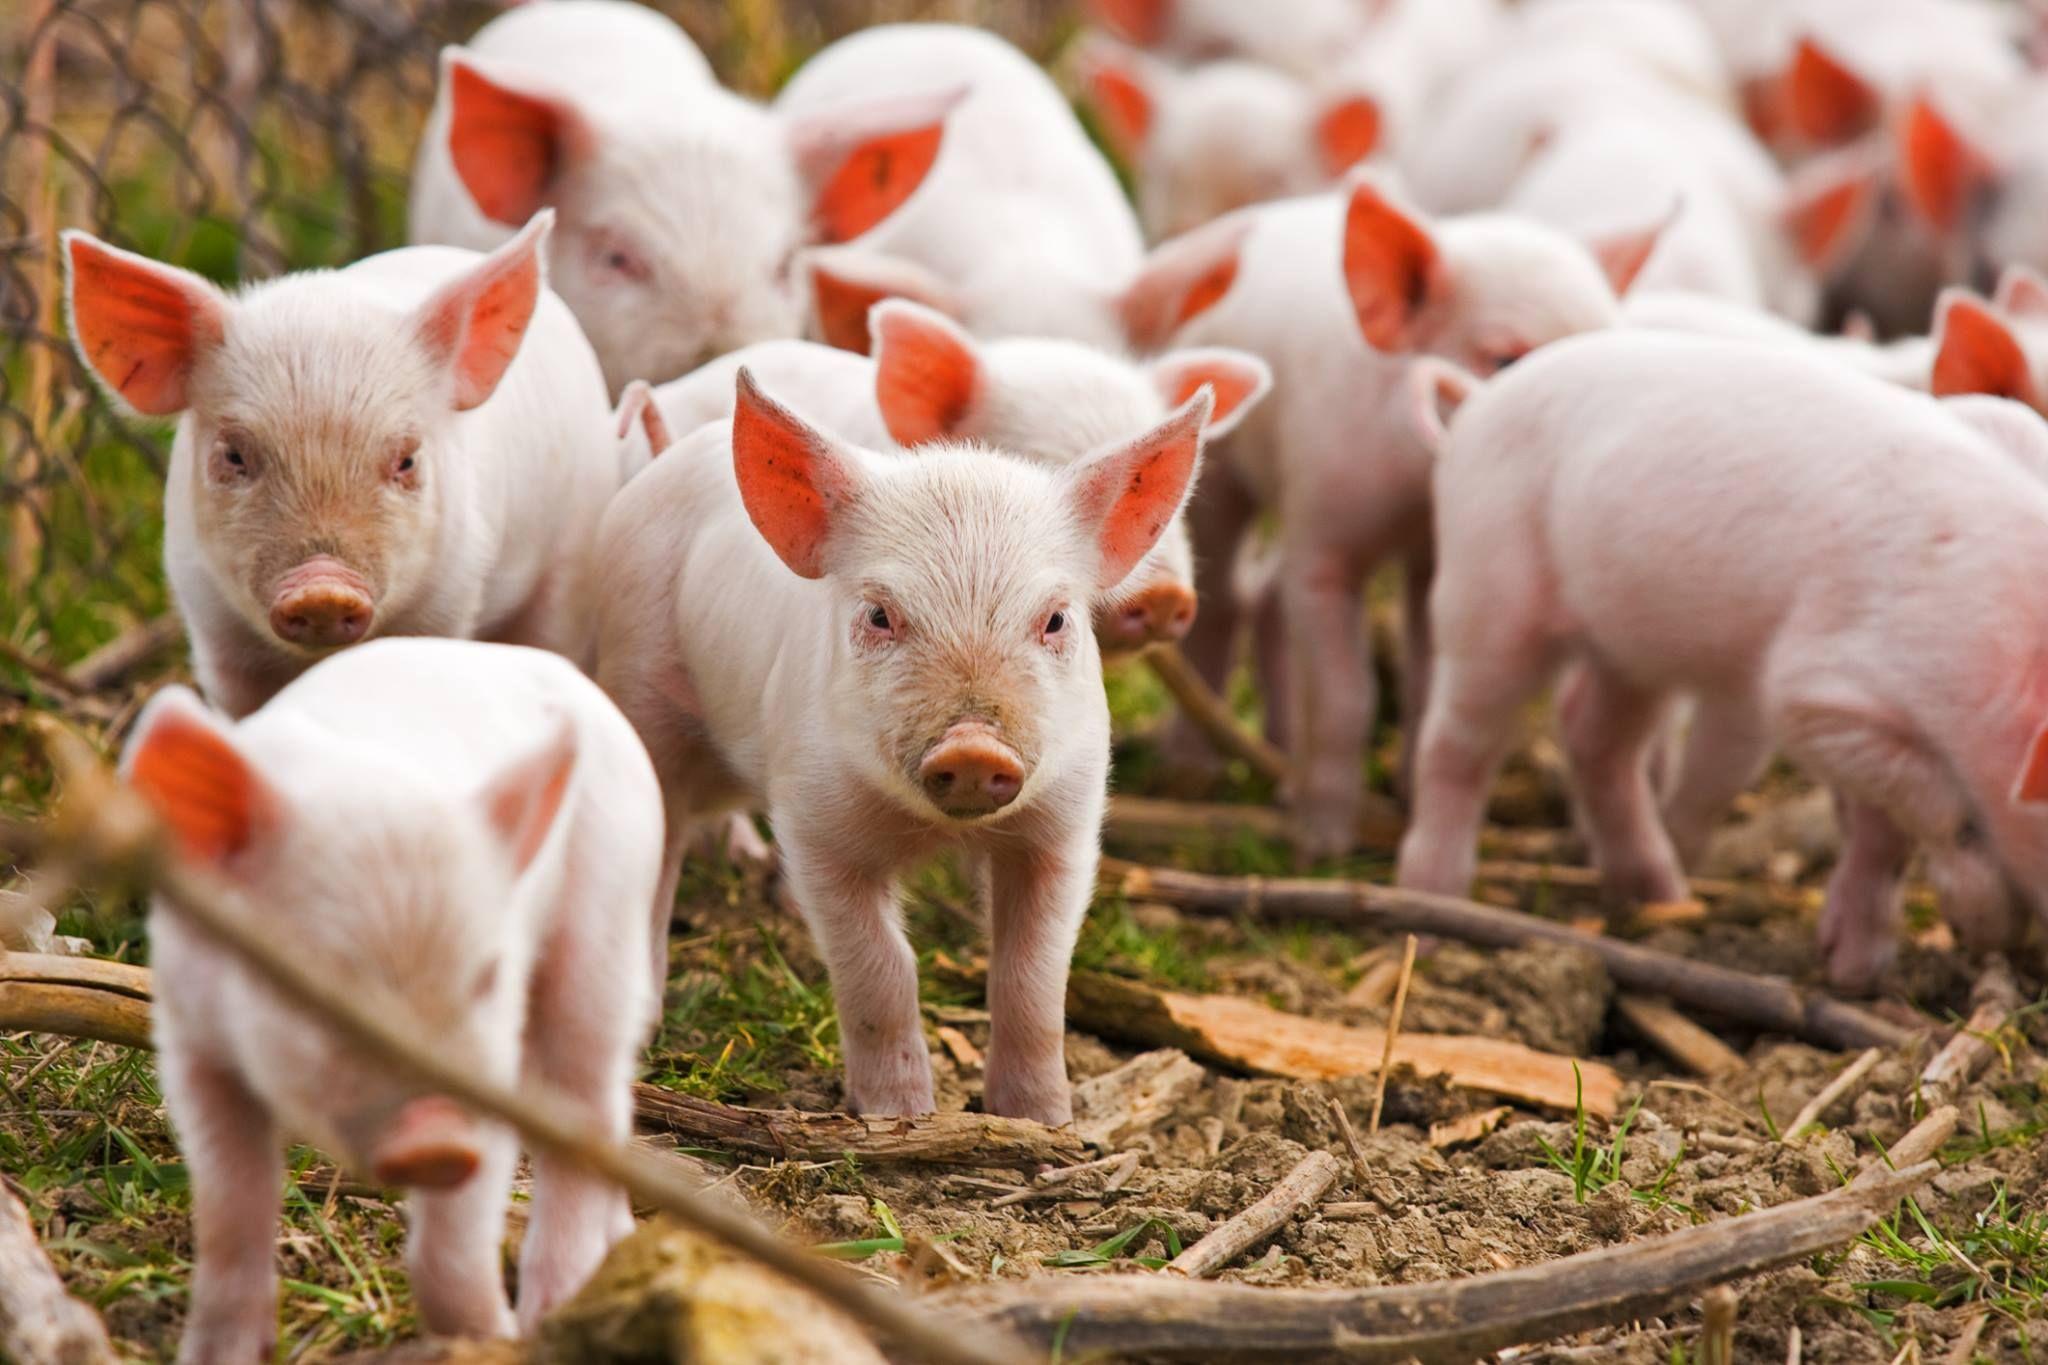 Lechones Cría de cerdos, Nombres para cachorros, Porcino